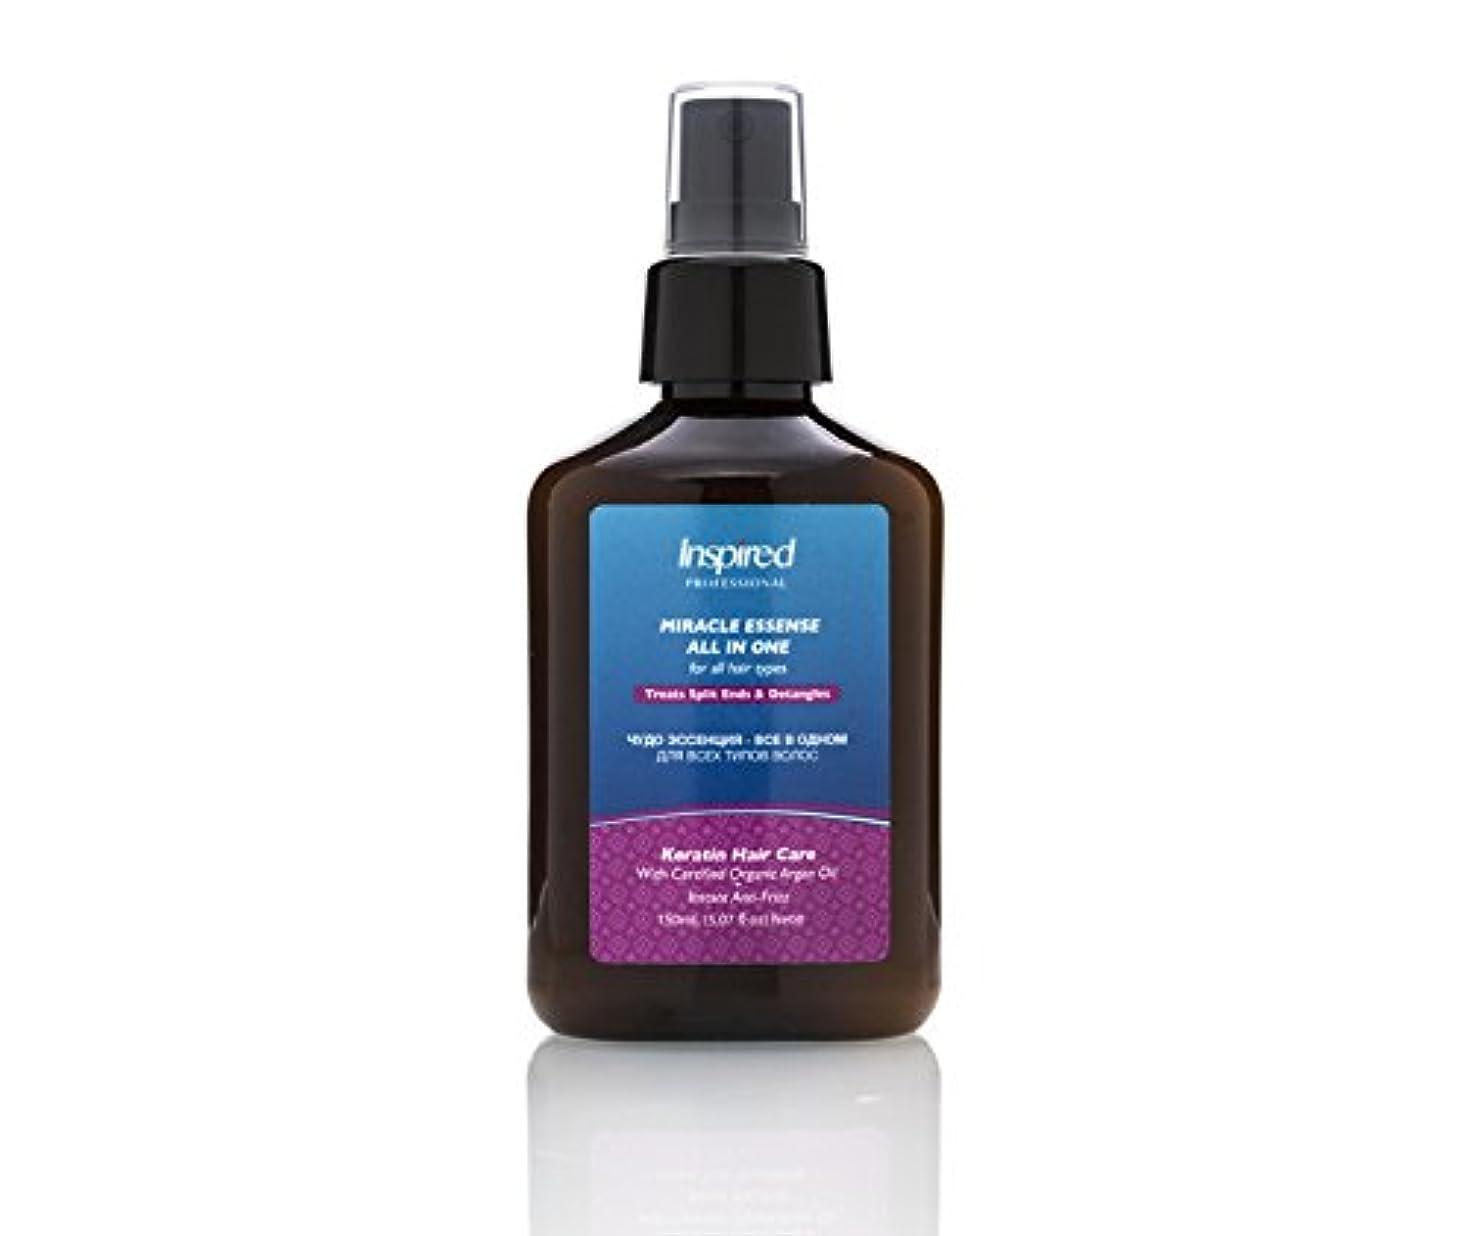 暫定ワーディアンケースピアニスト(インスピレーションを受けた専門家) ミラクルエッセンスオールインワン 艶出しトリートメントミスト ?と ケラチン 乳酸 (スタイリング)Inspired Professional Miracle Essense All In One Keratin Lactic Acid Hair Repair Moroccan Argan Oil Anti Frizz Detangle Best for Dry Damaged Brittle Curly Split Ends Hair Glimmer Shine 150ml